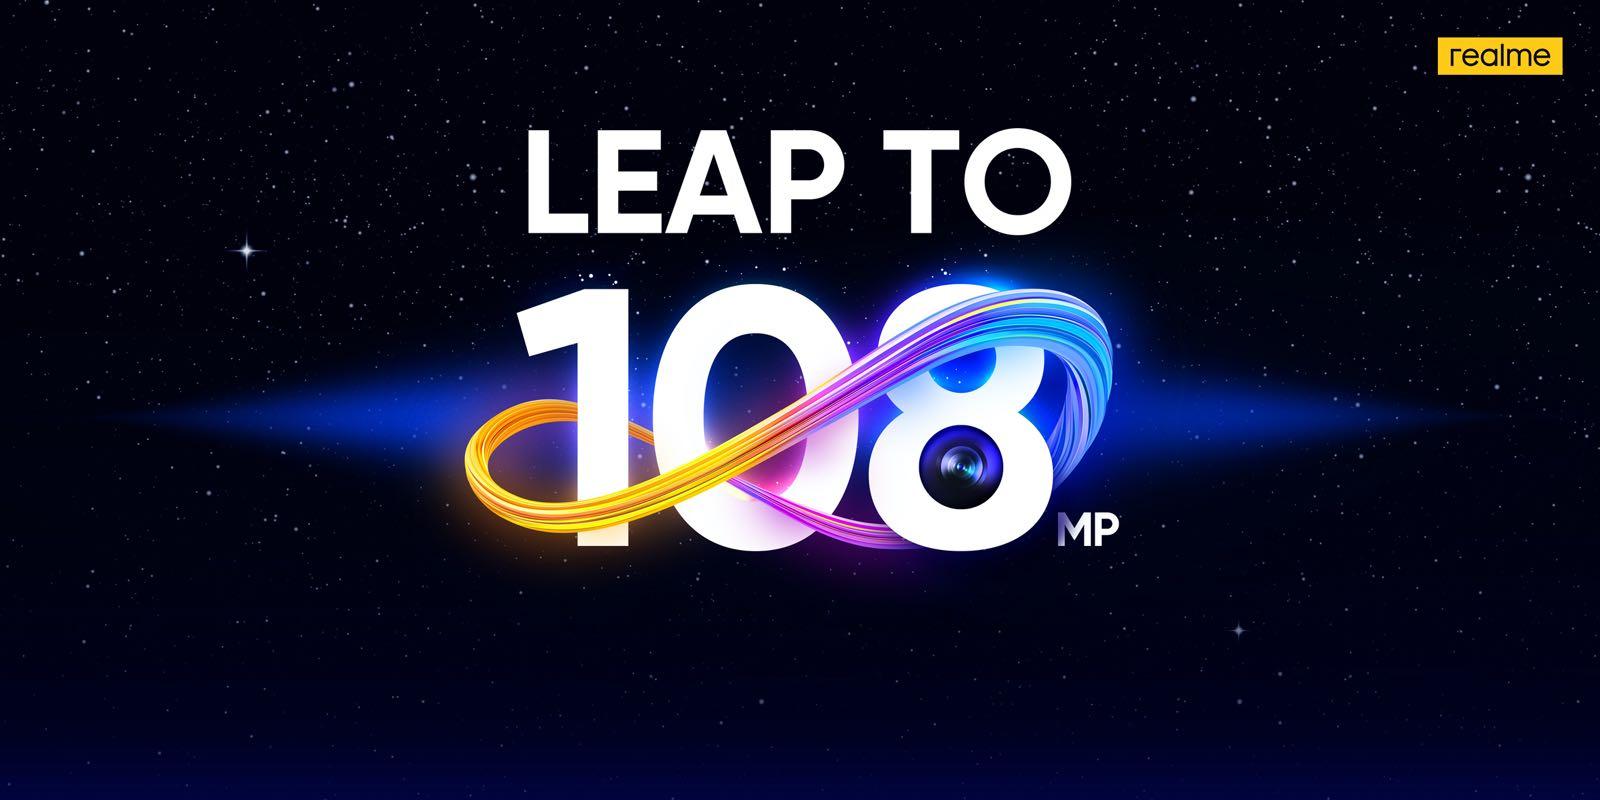 Realme 108 Megapixel teaser